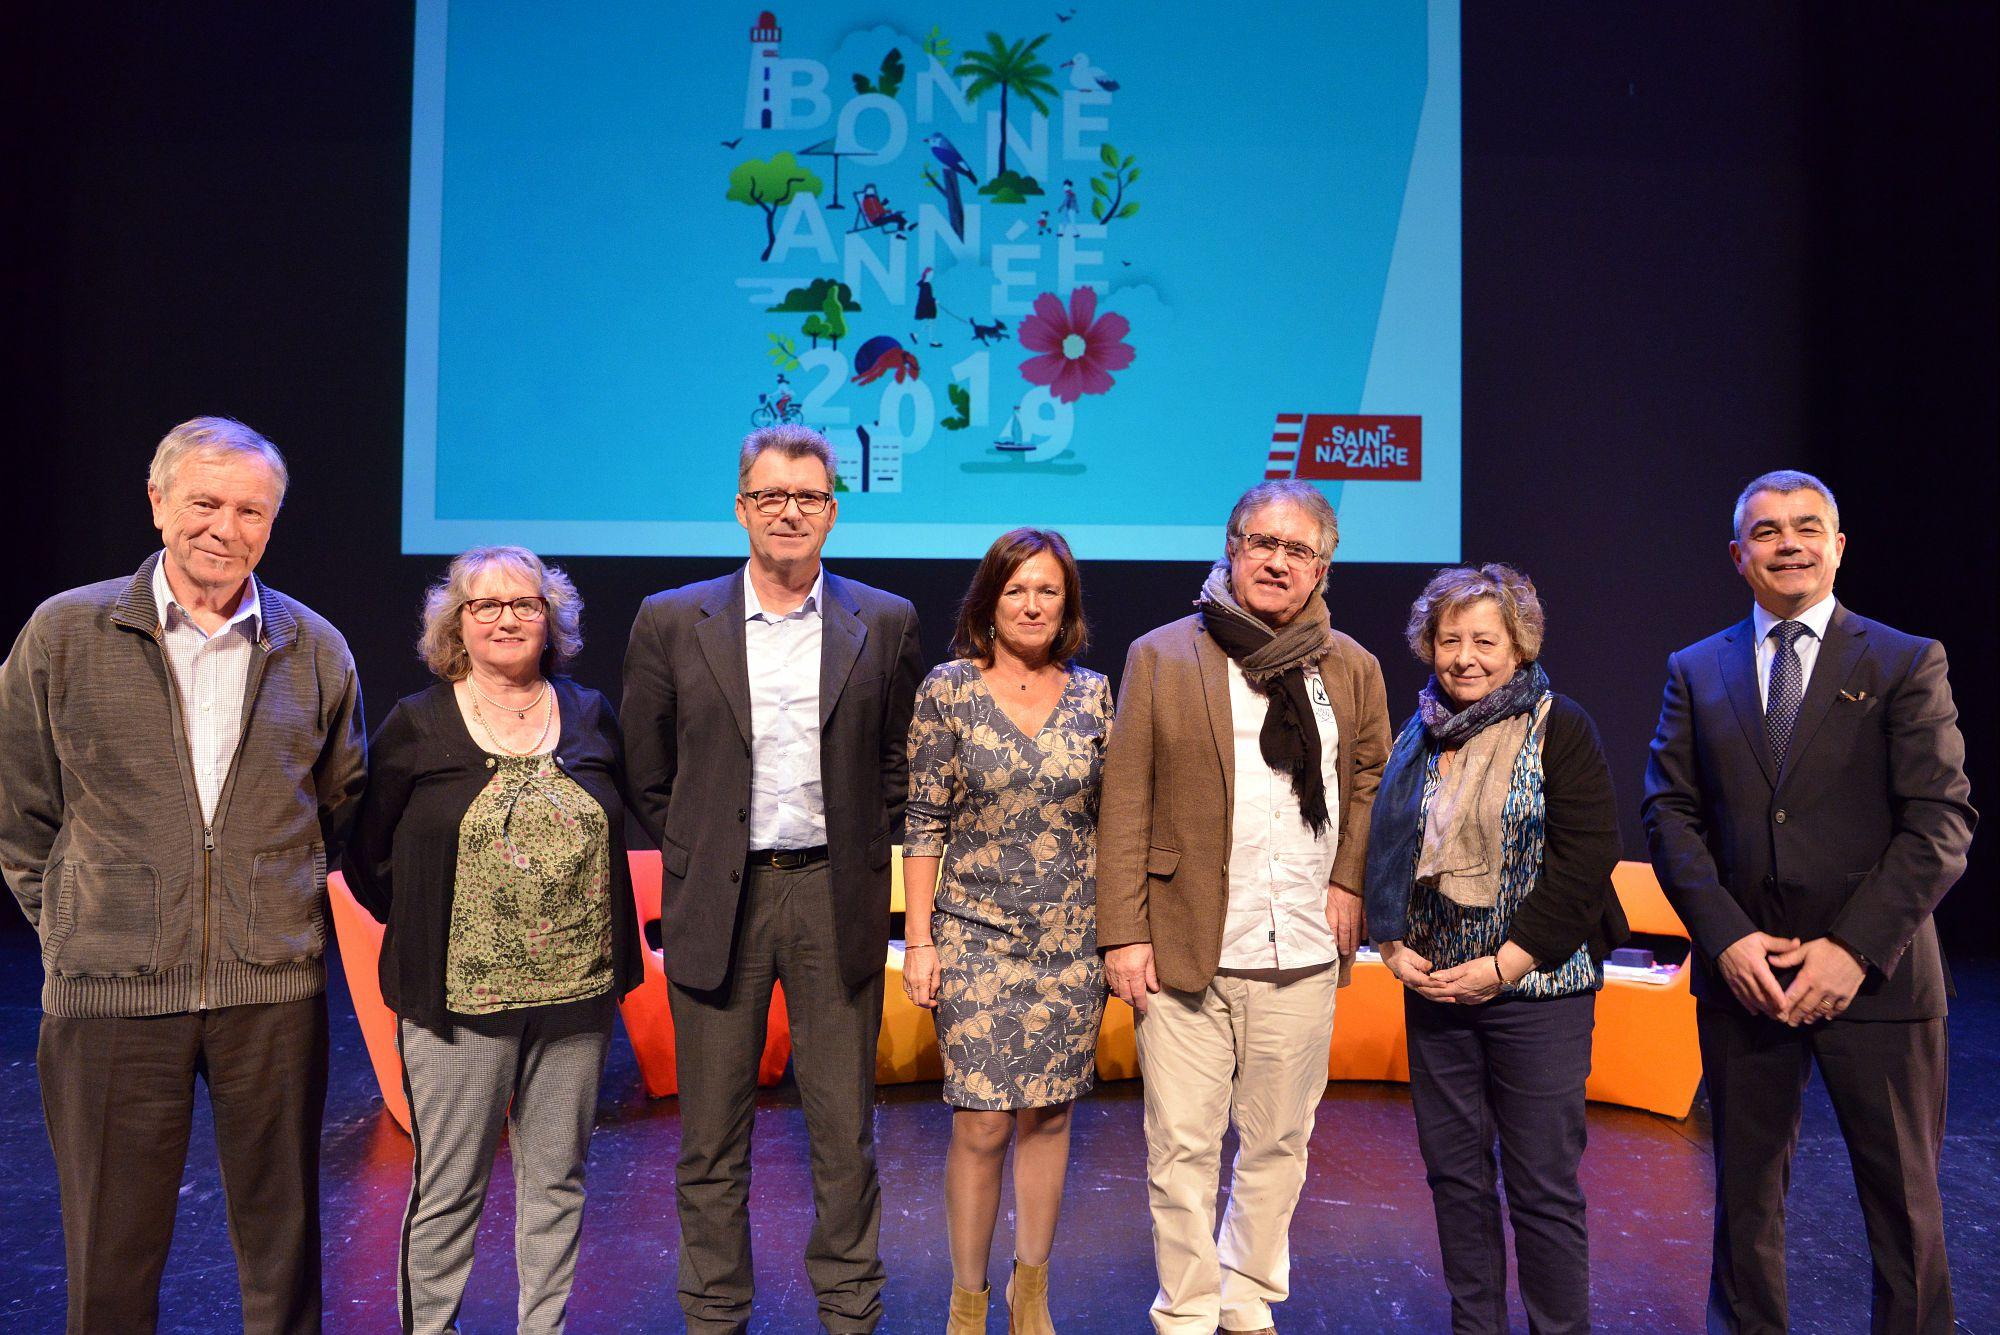 De gauche à droite : Michel Mahé, Germaine Glotin Gallen, Christian Pierre, Jacqueline Régnier, Philippe Bommé, Olga Ménager et David Samzun.